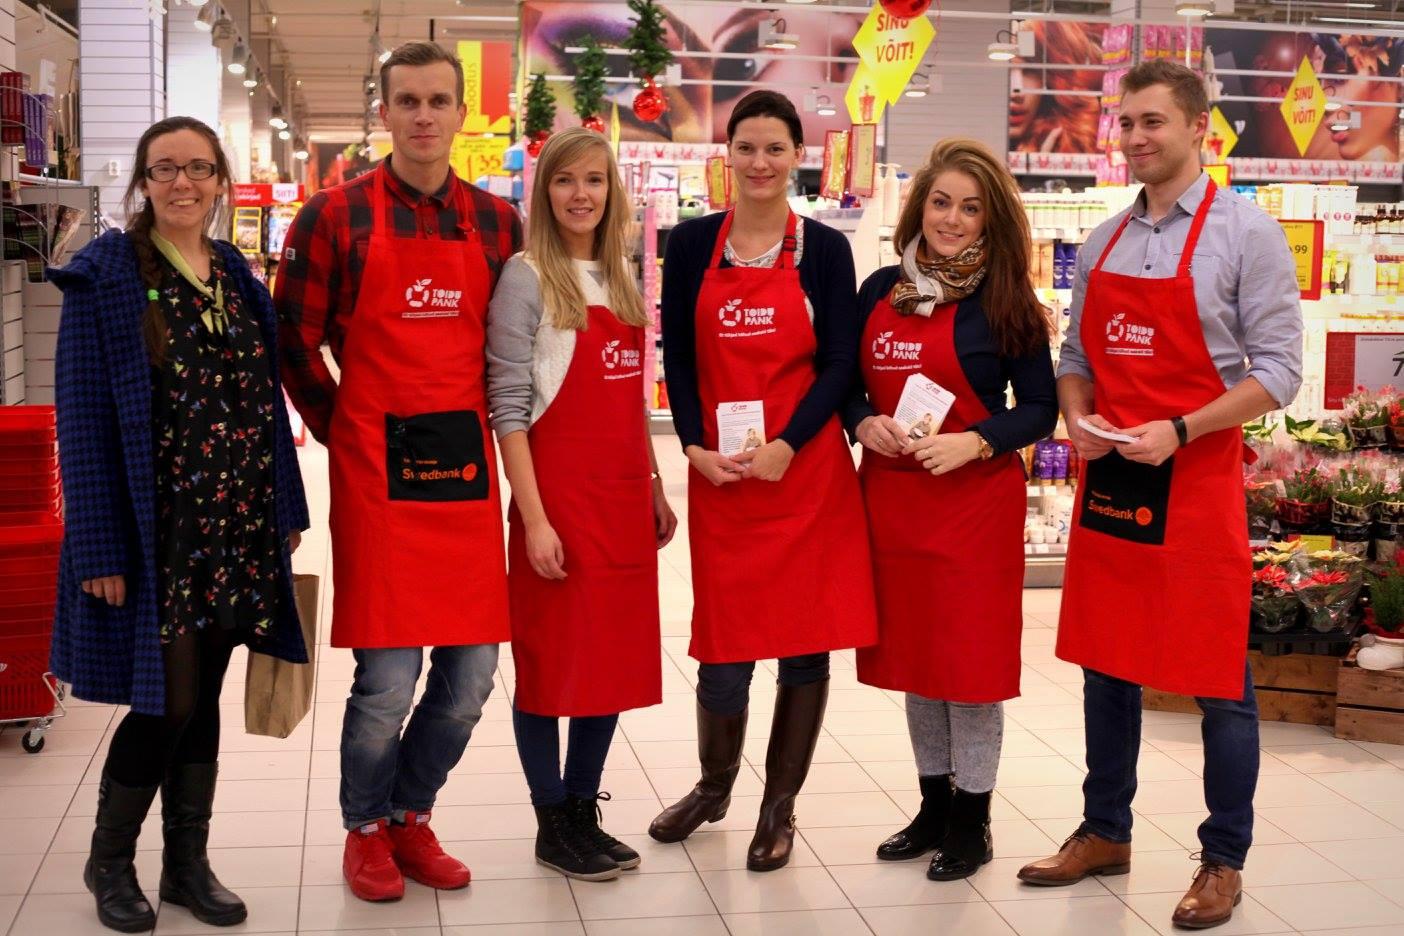 Toidupank ootab vabatahtlike osalema kevadistel toidukogumispäevadel